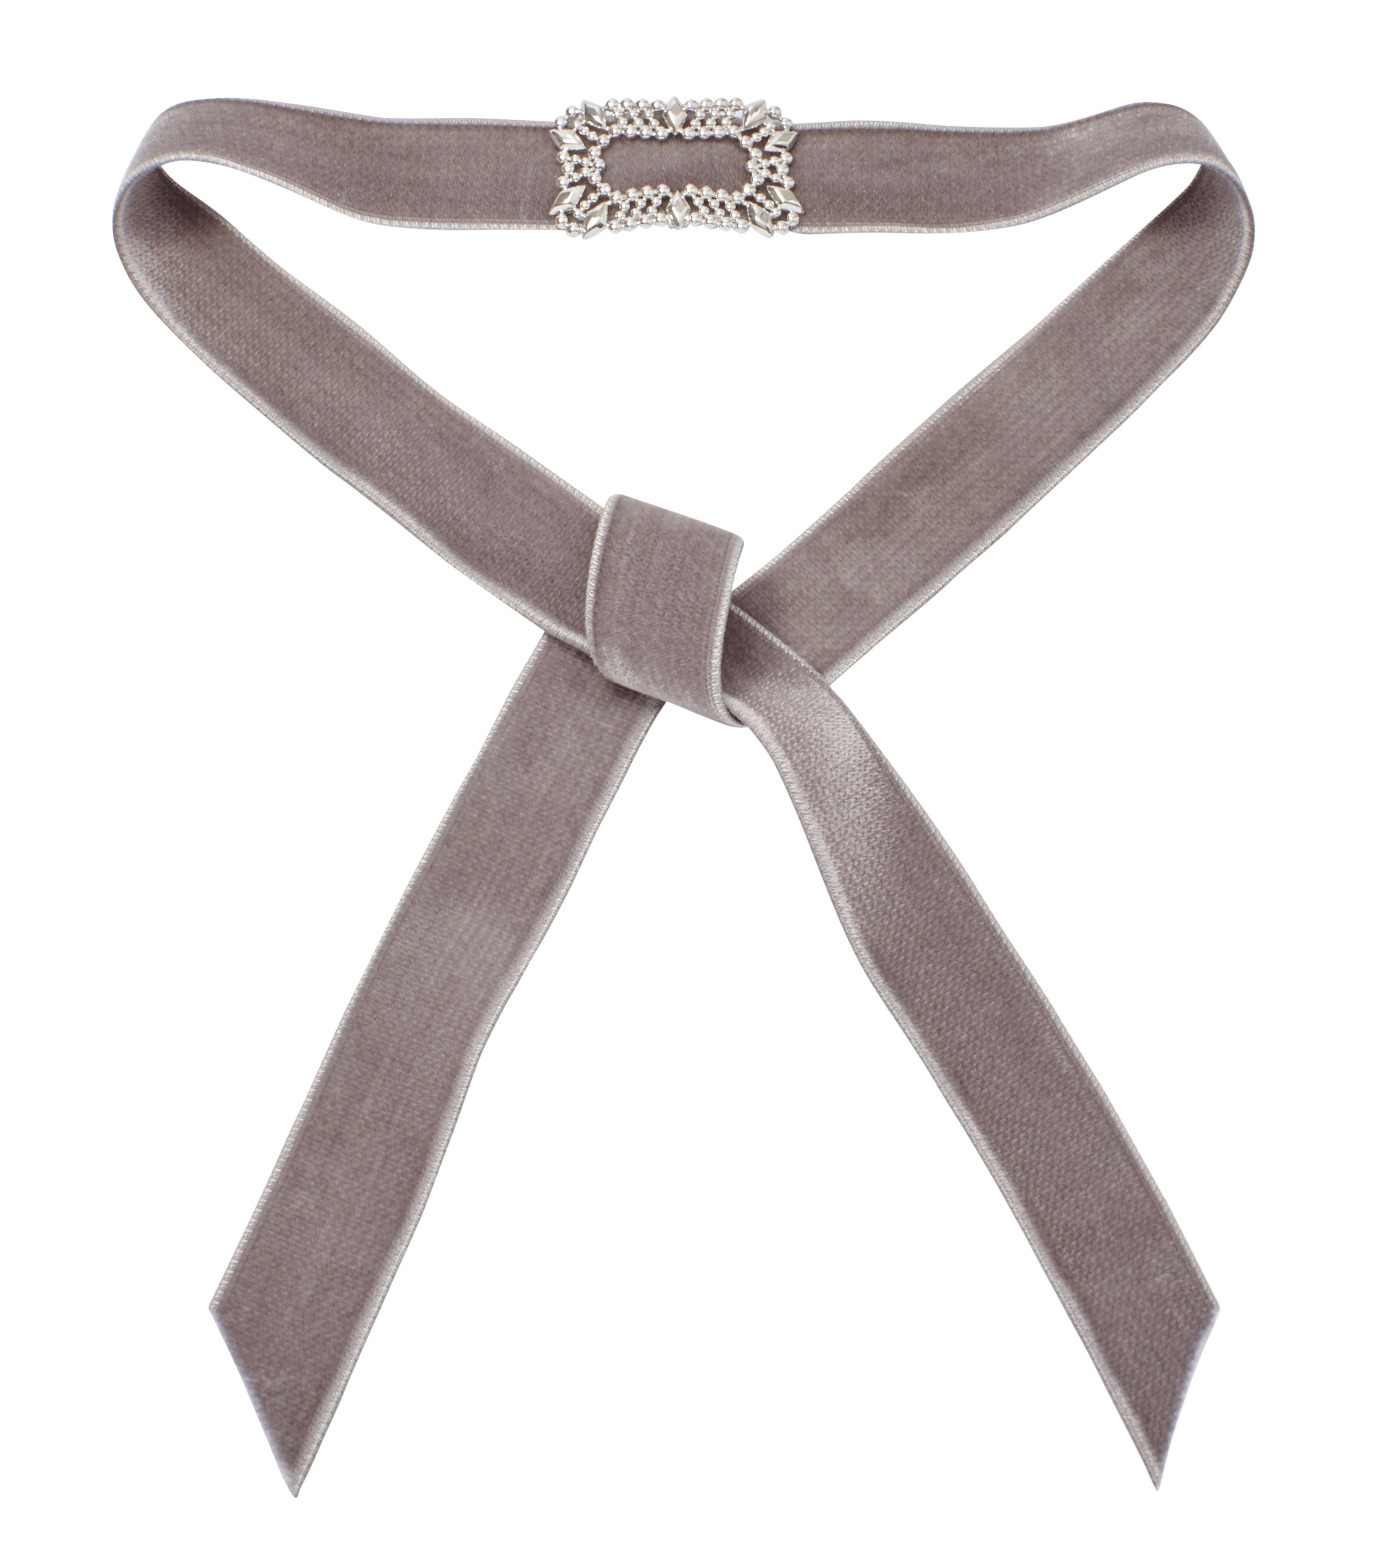 Fallon(ファロン)のToria Buckle Velvet Choker-GRAY(ネックレス/necklace)-FN21666-11 拡大詳細画像2